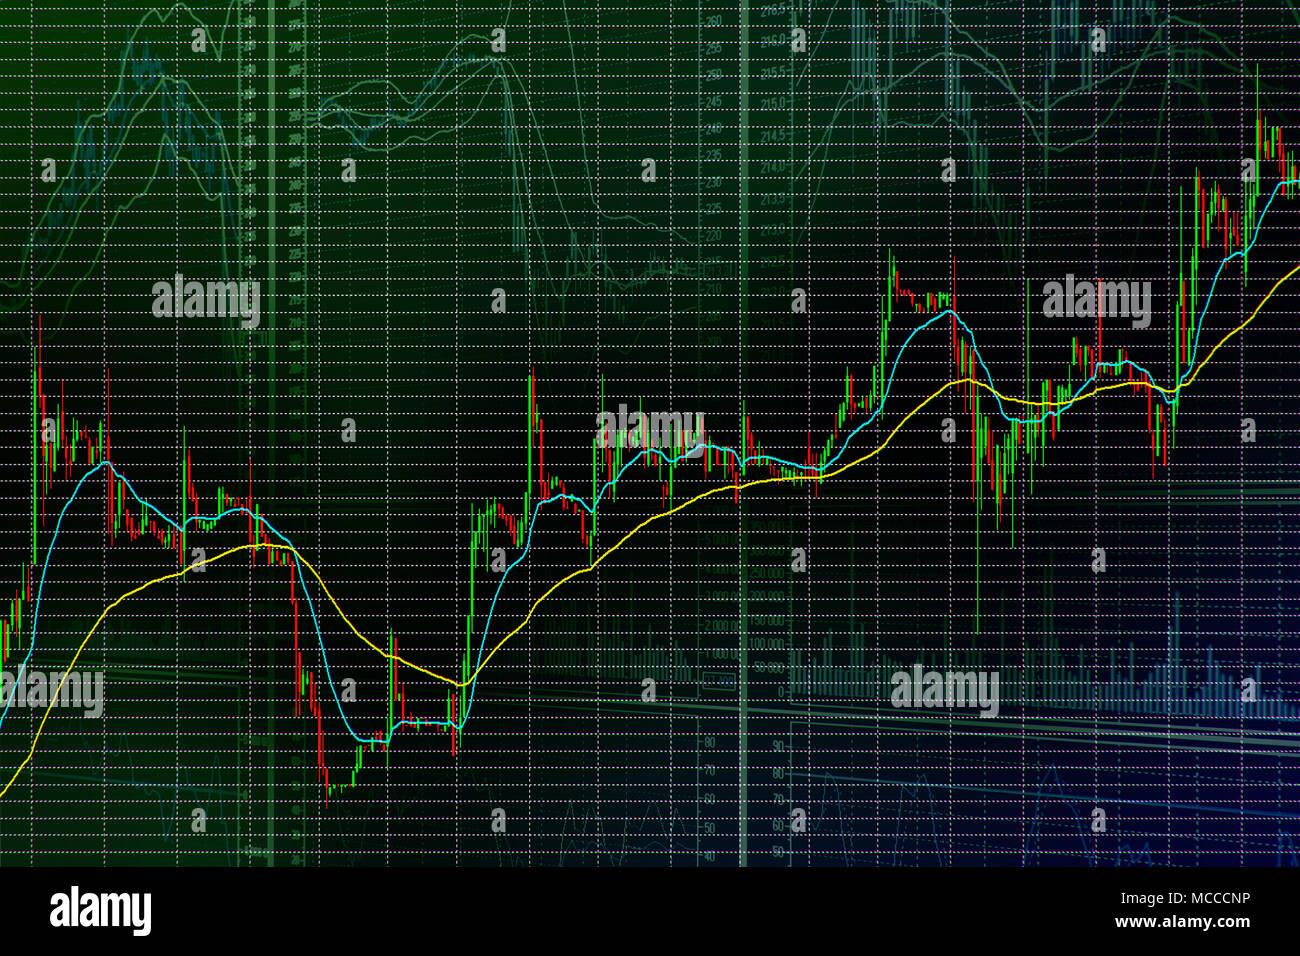 Il mercato azionario candela grafico a barre. Tendenza verso l'alto. Abstract borsa composizione a tema Immagini Stock